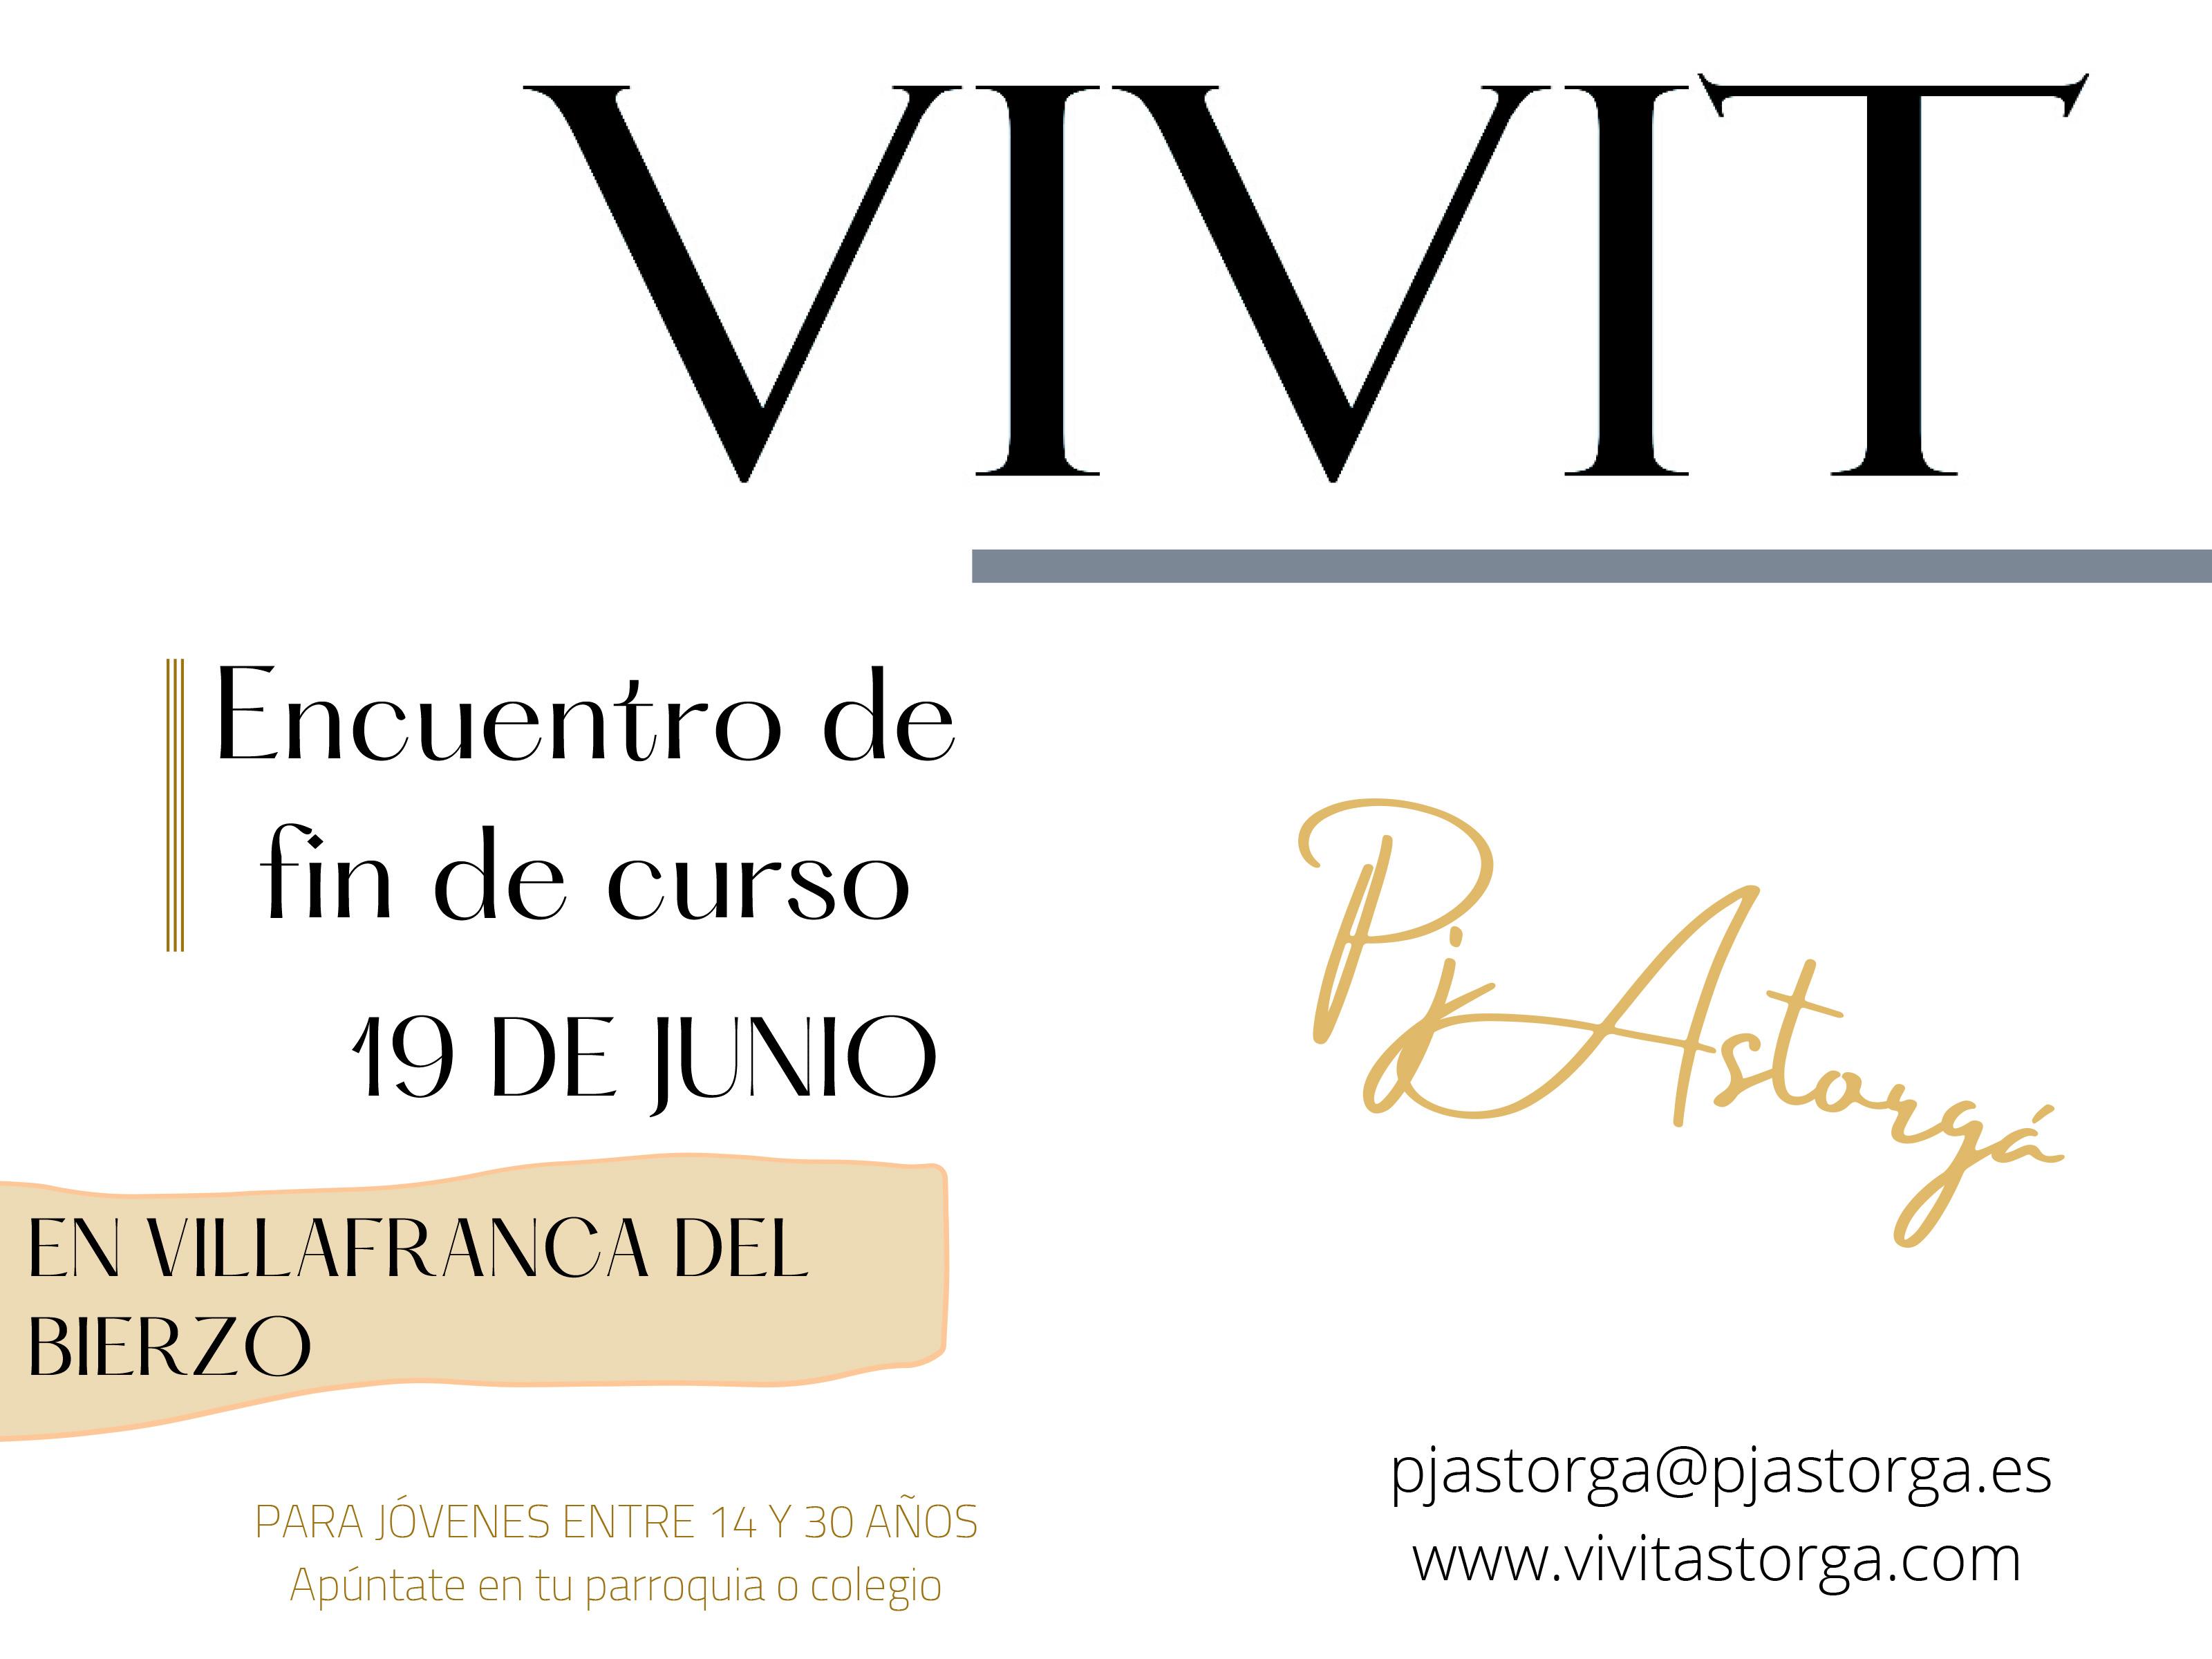 Encuentro de fin de curso el 19 de junio de 2021 en Villafranca del Bierzo para jóvenes entre 14 y 30 años. Más información en pjastorga@pjastorga.es.  VIVIT Astorga